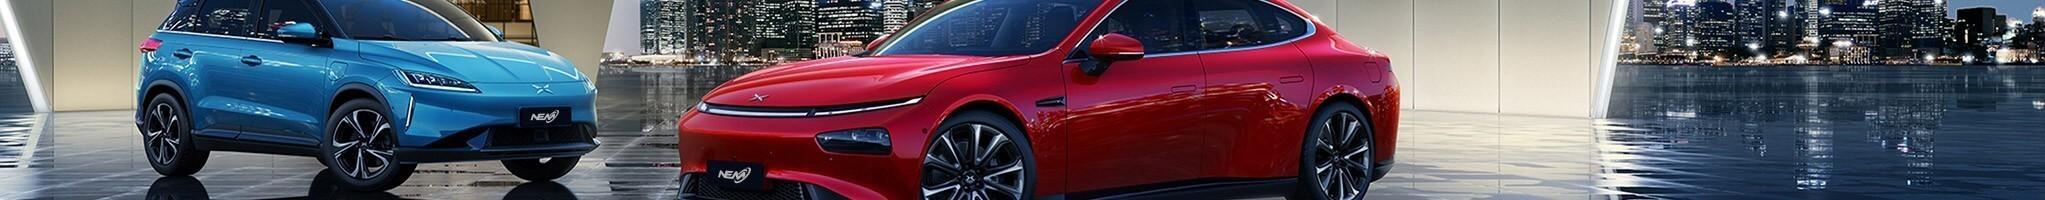 Comprar coche eléctrico   New Energy Mobility su tienda online de eMobility con los mejores precios